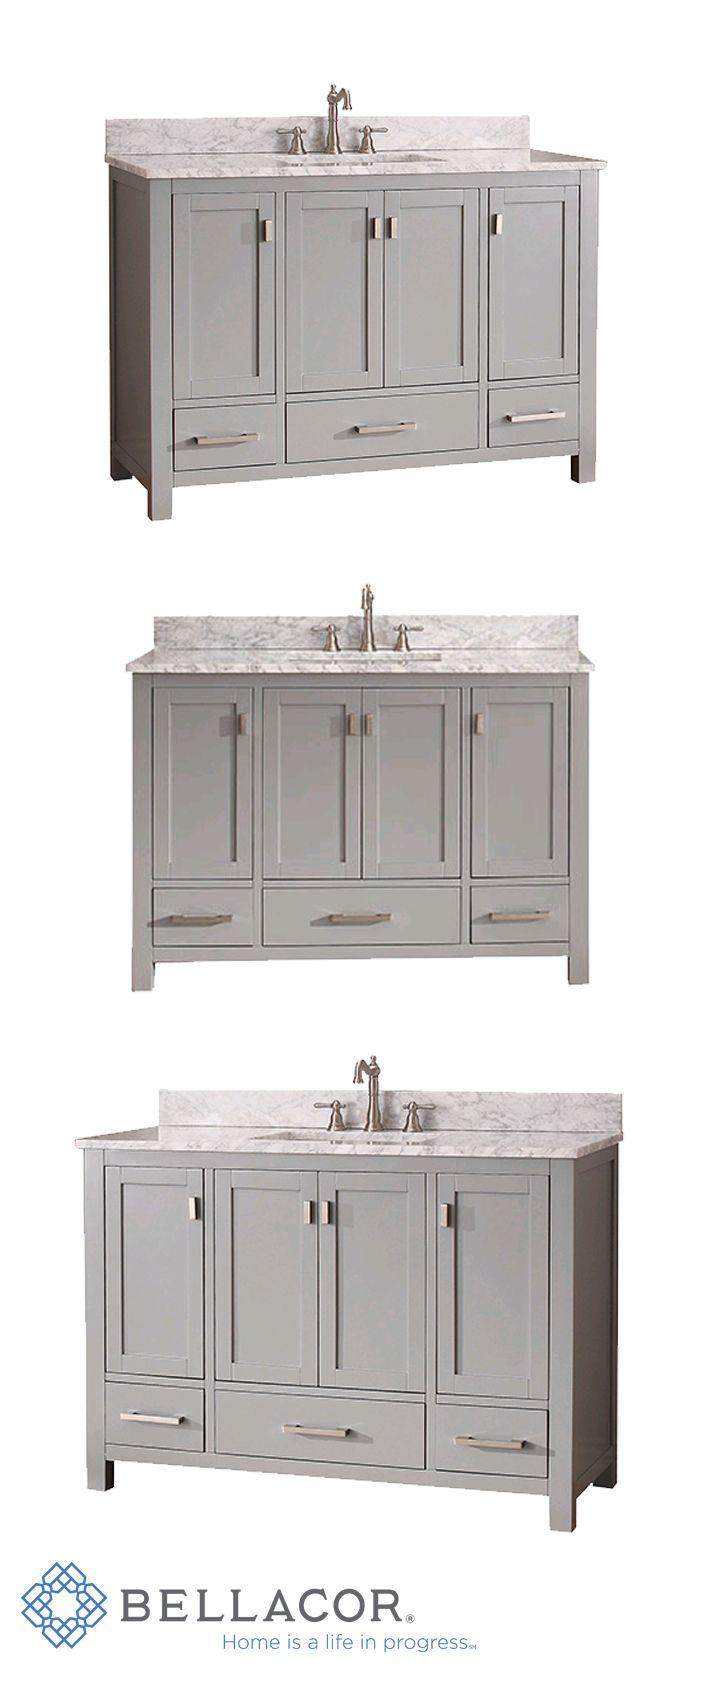 28 best Master Bath Remodel images on Pinterest | Bathroom ...